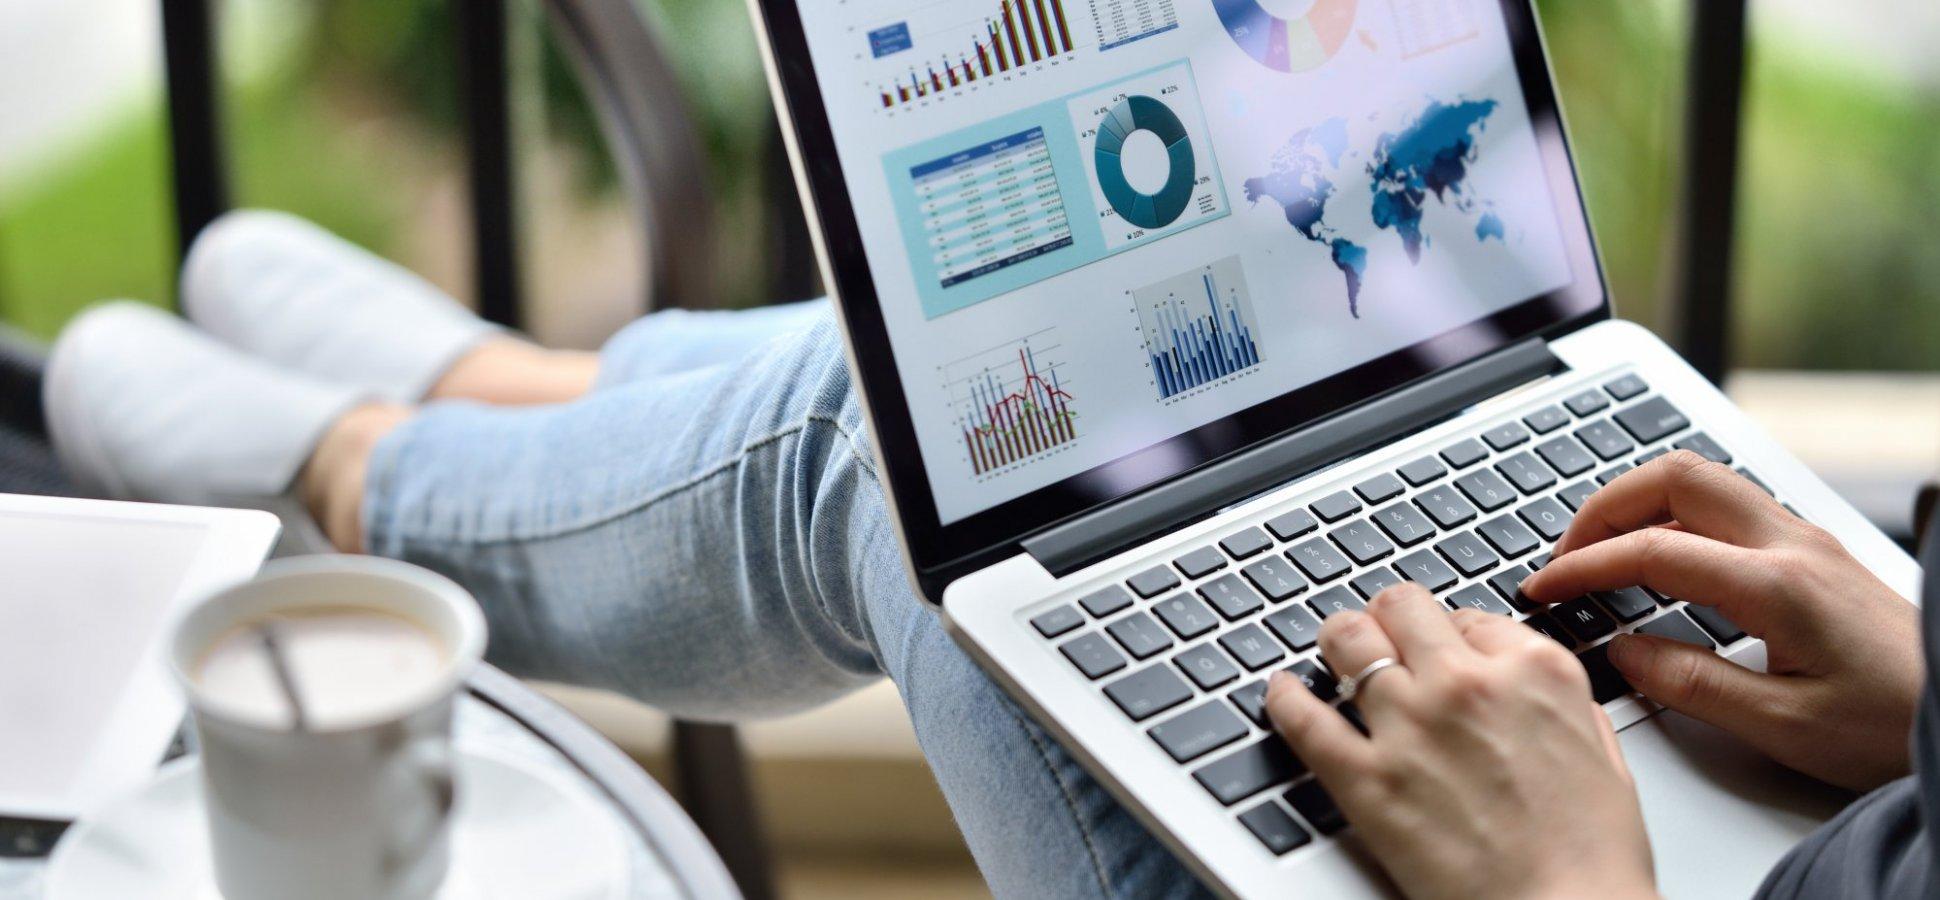 How to Deliver the Best Marketing via Digital Platforms